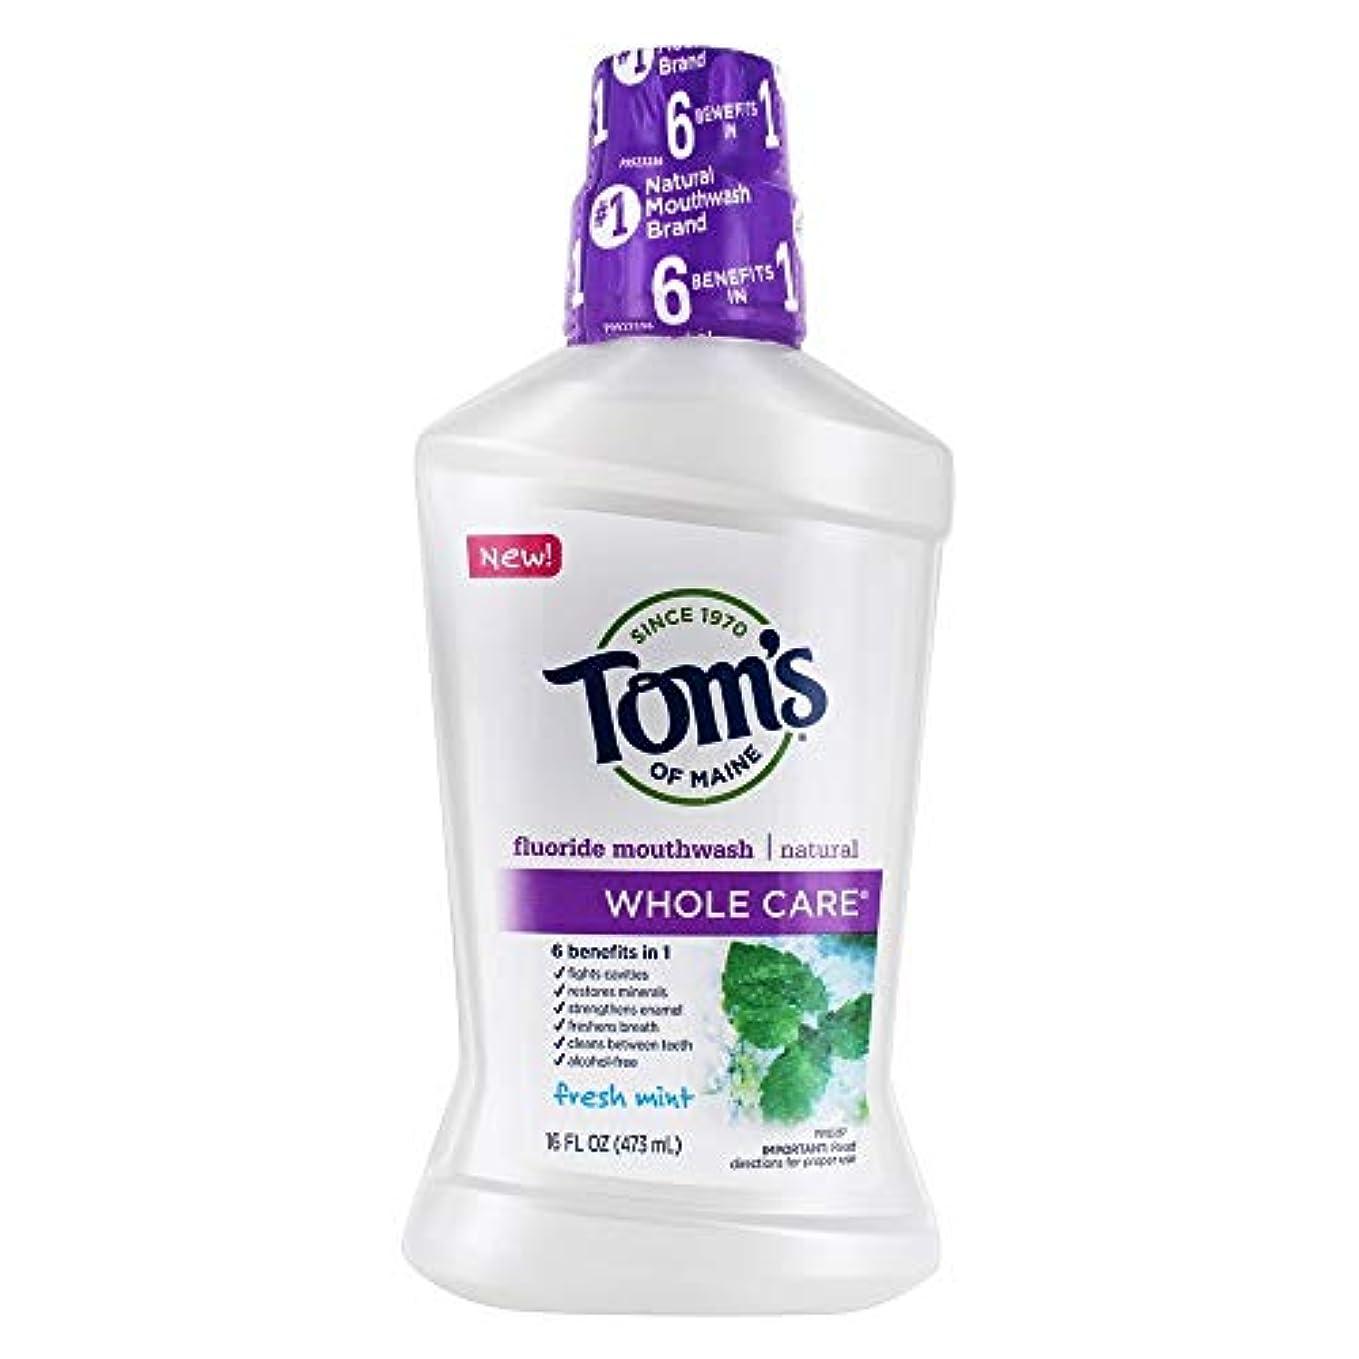 お露骨な興奮するTom's 全体のケアフッ化物洗口液、フレッシュミント、16液量オンス